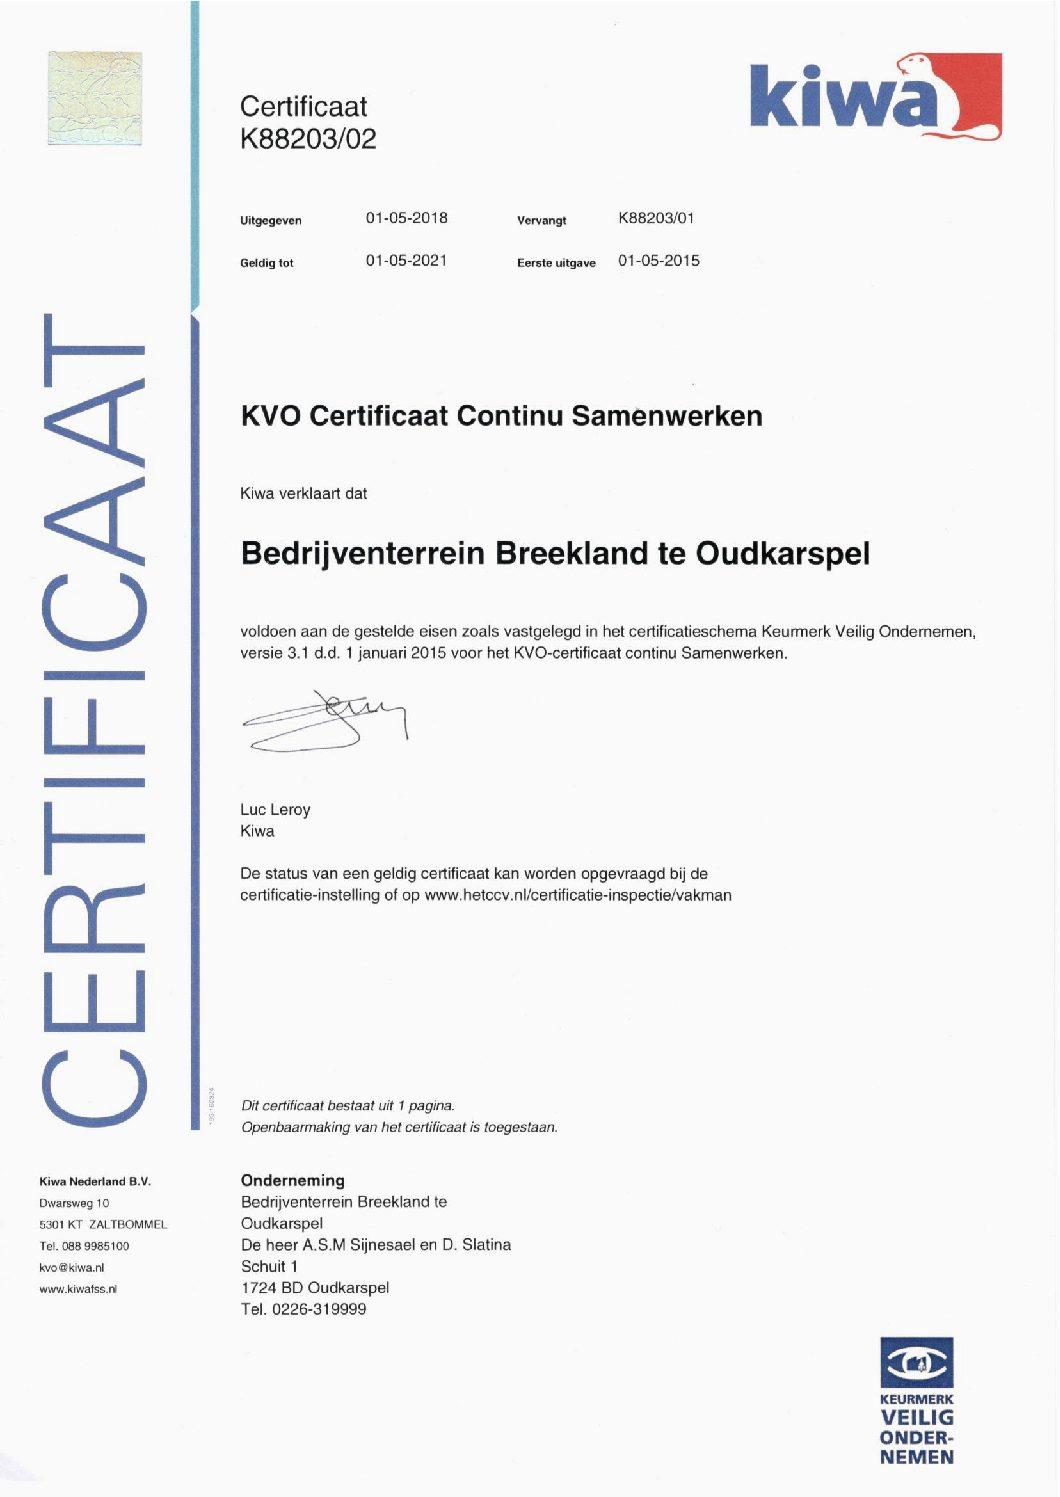 Certificaat Continu Samenwerken KVO ontvangen